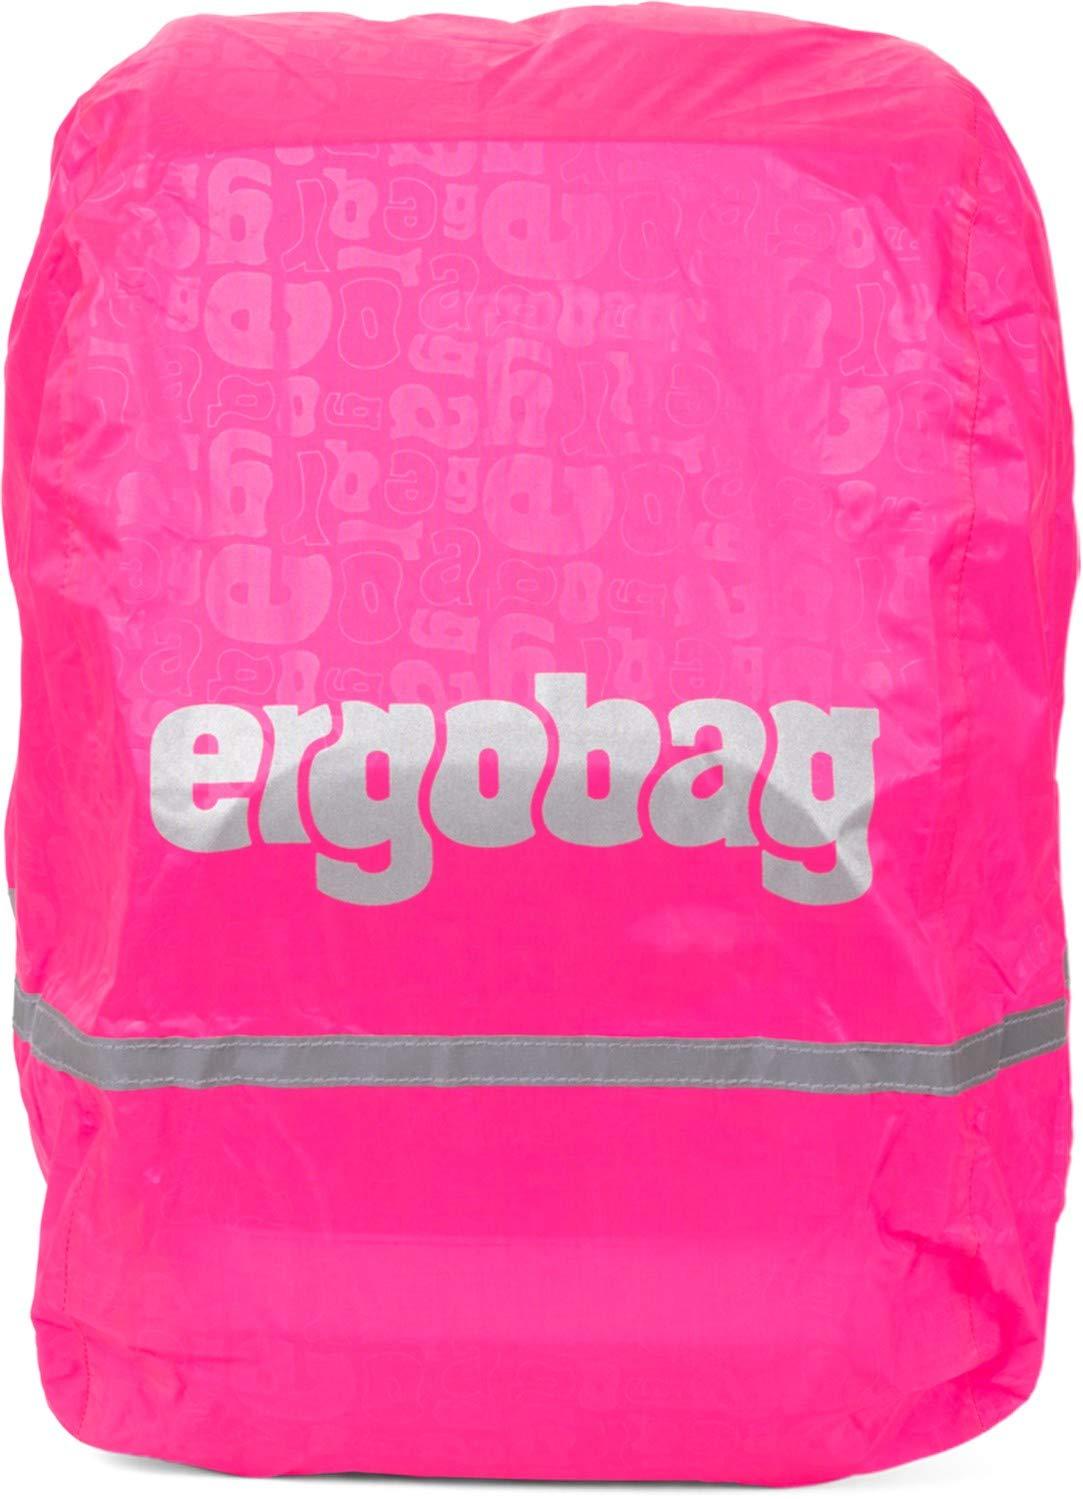 ergobag Pack Schubi DuB/är Schulrucksack-Set 6tlg Regencape Pink